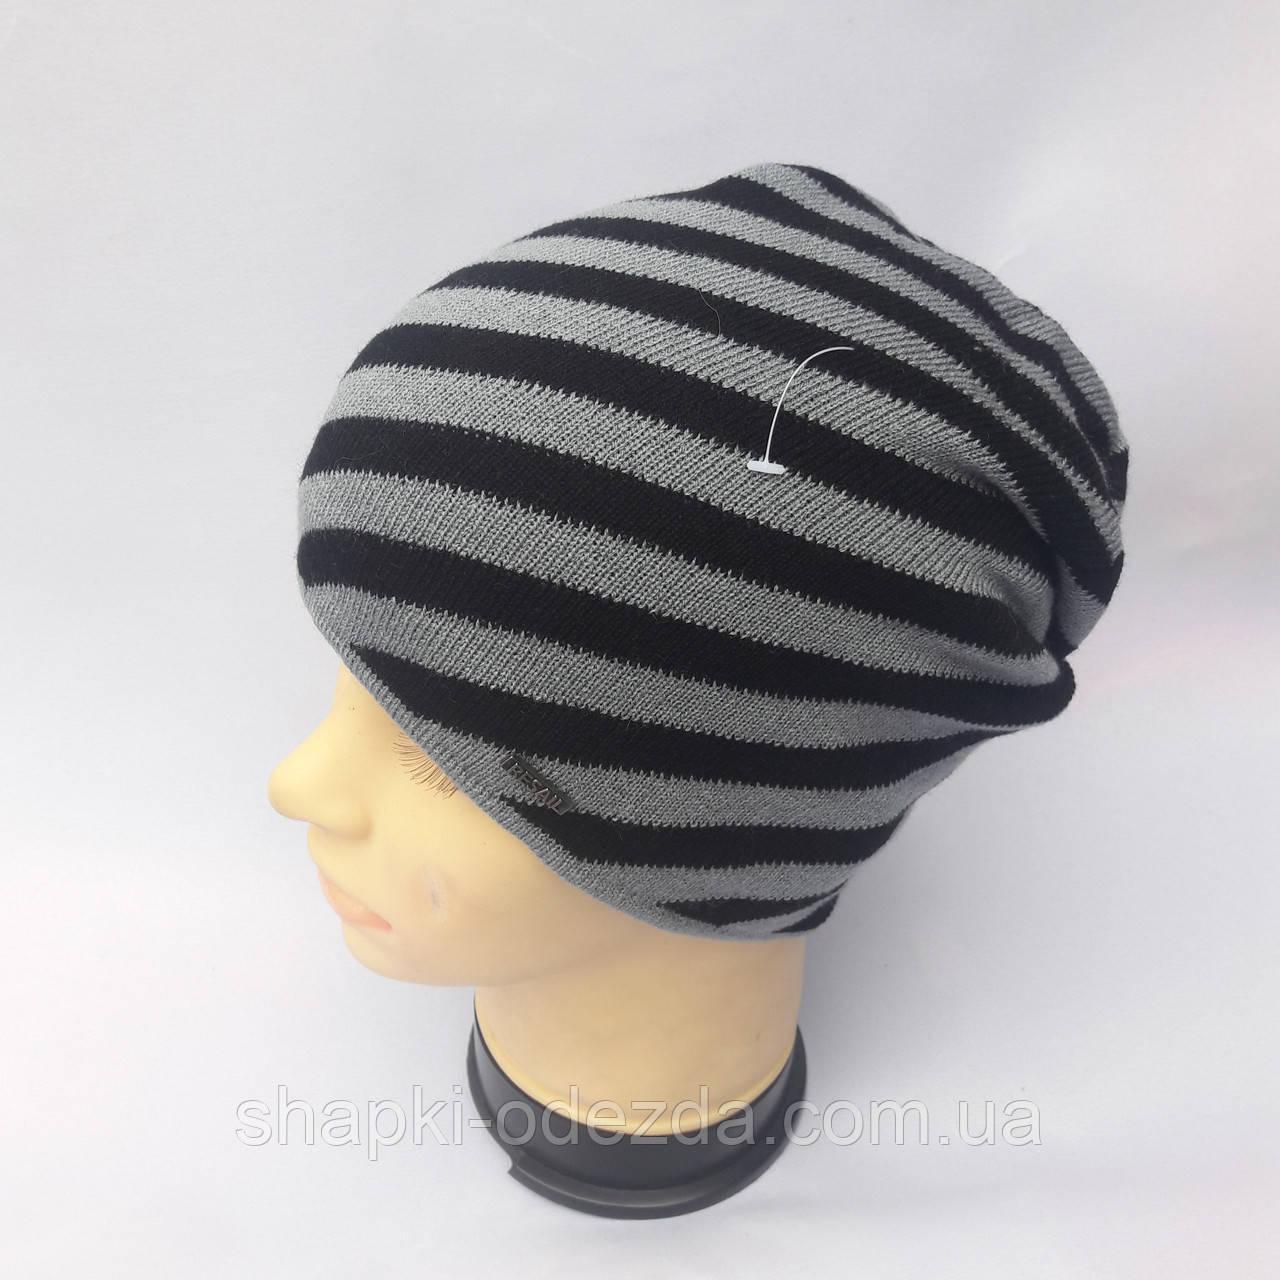 молодежная вязаная шапка на флисе для мужчин и девушек продажа